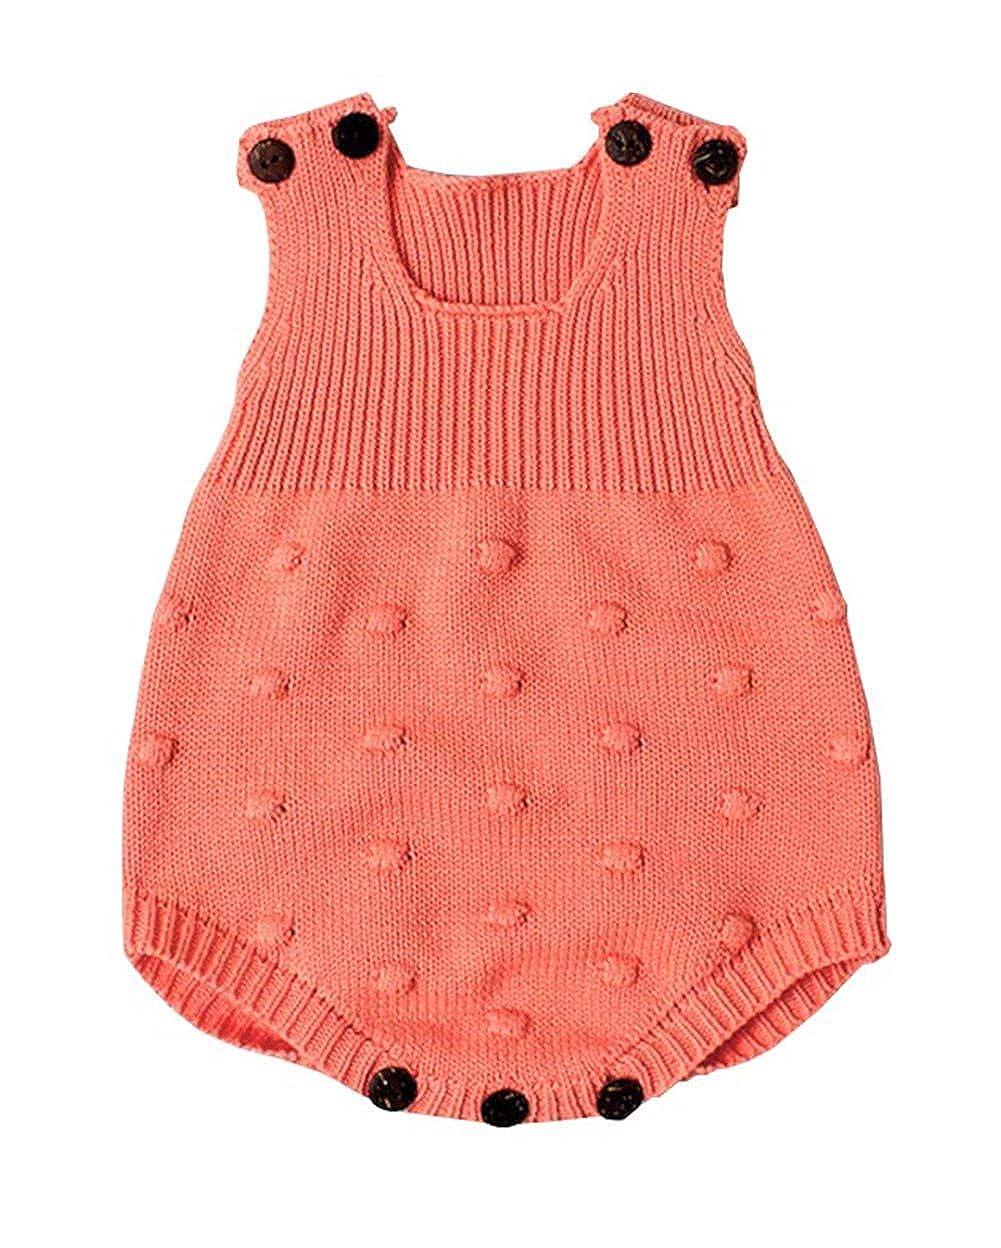 Eiffel Direct Baby Girls Boys Knitted Striped Spot Romper Sleeveless Vest Jumpsuit Bodysuit